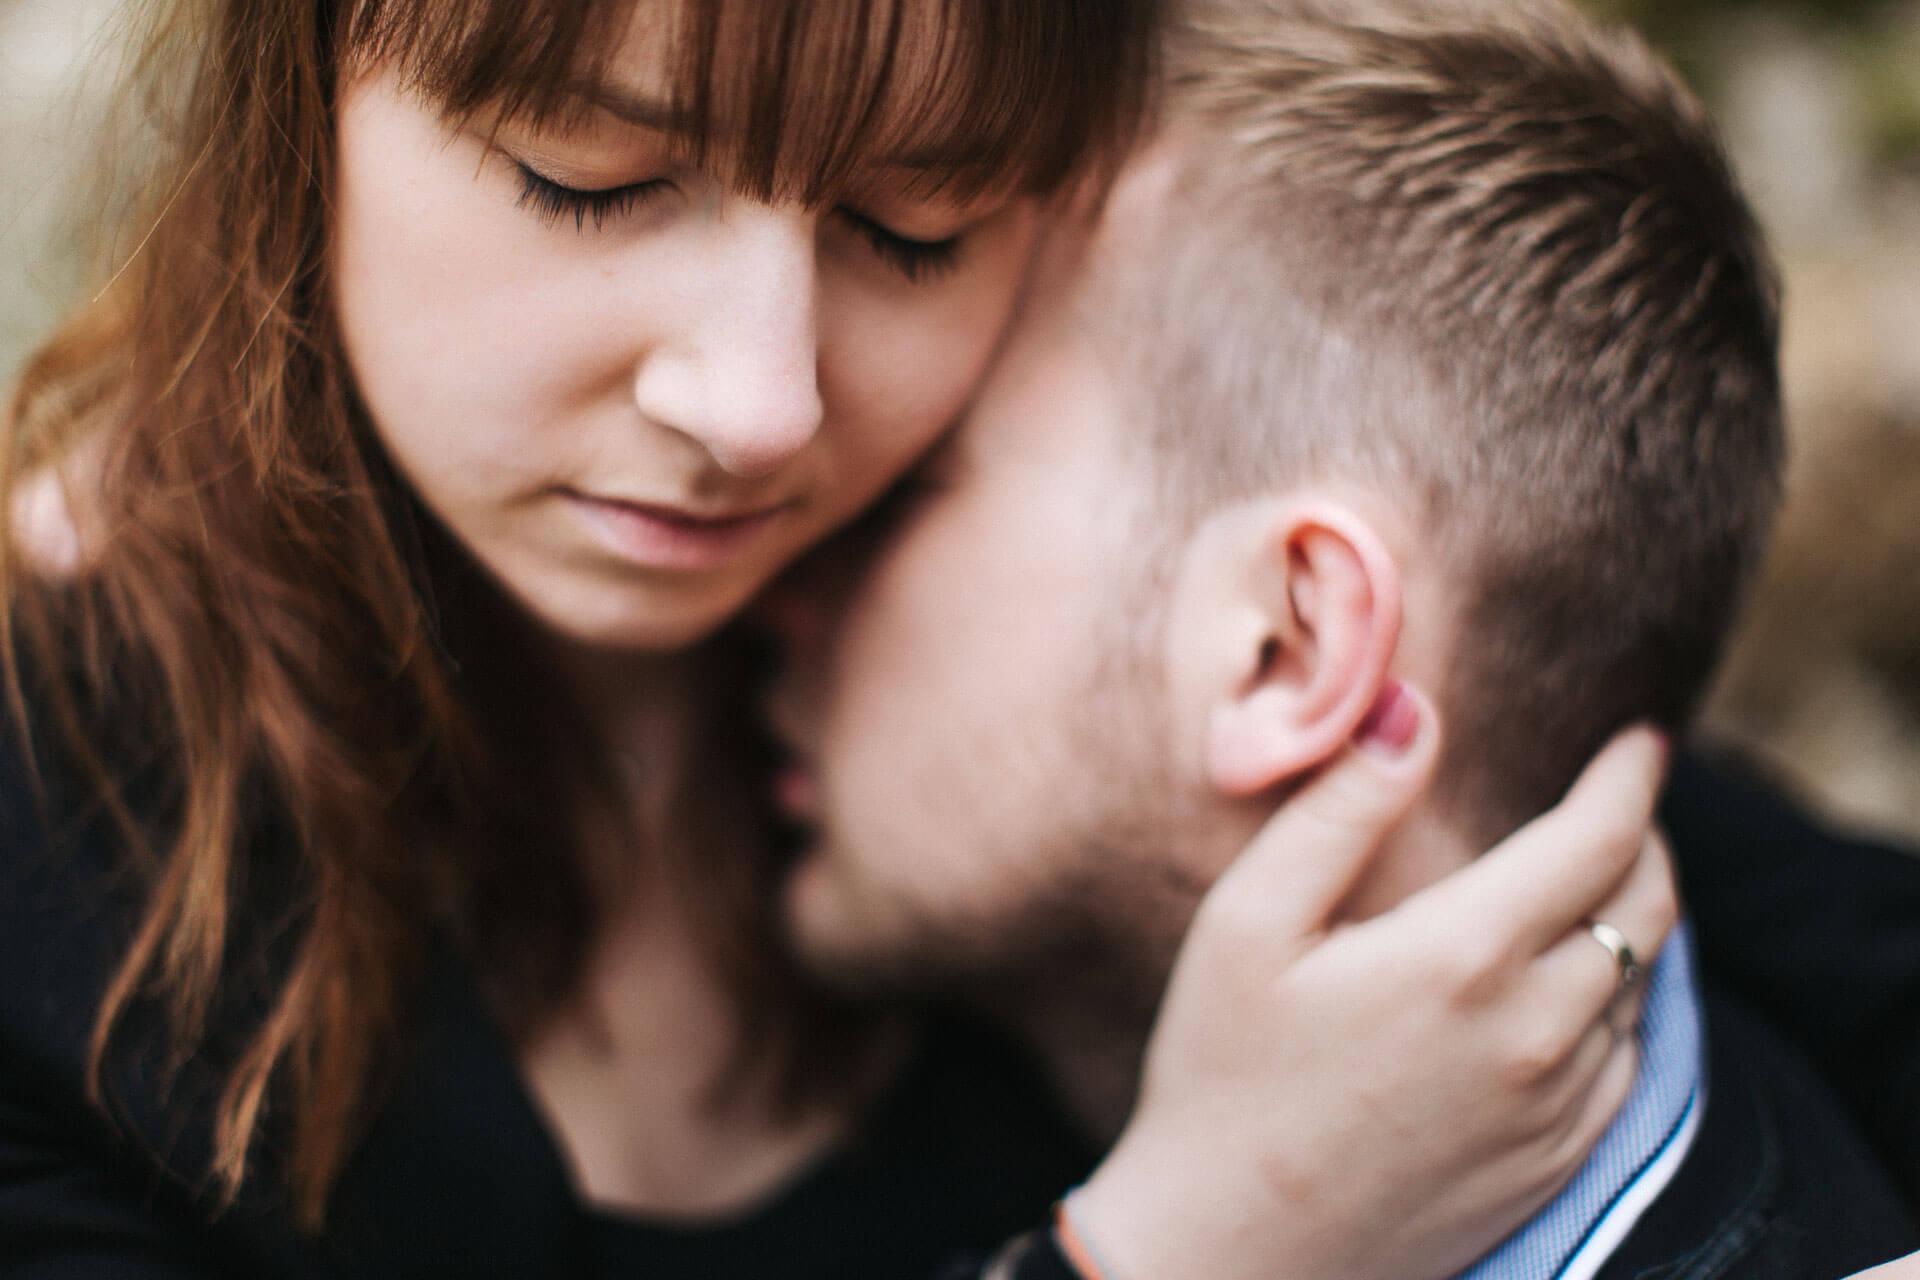 Comment reussir vos photos de couple-3